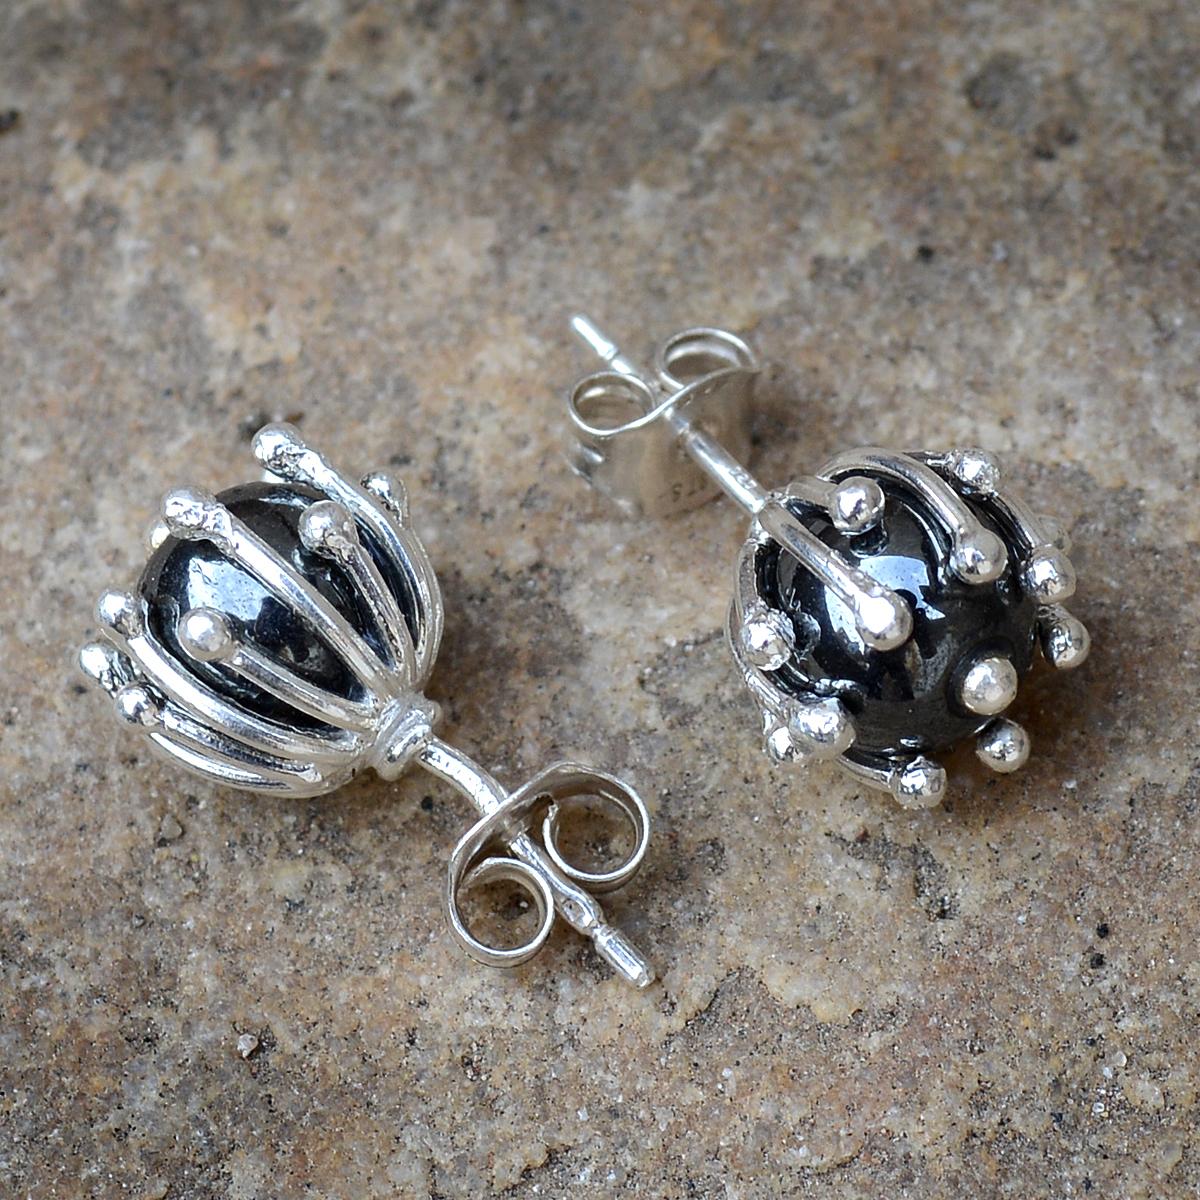 Hematite Stone Silver Ear Stud Earring PG-156263